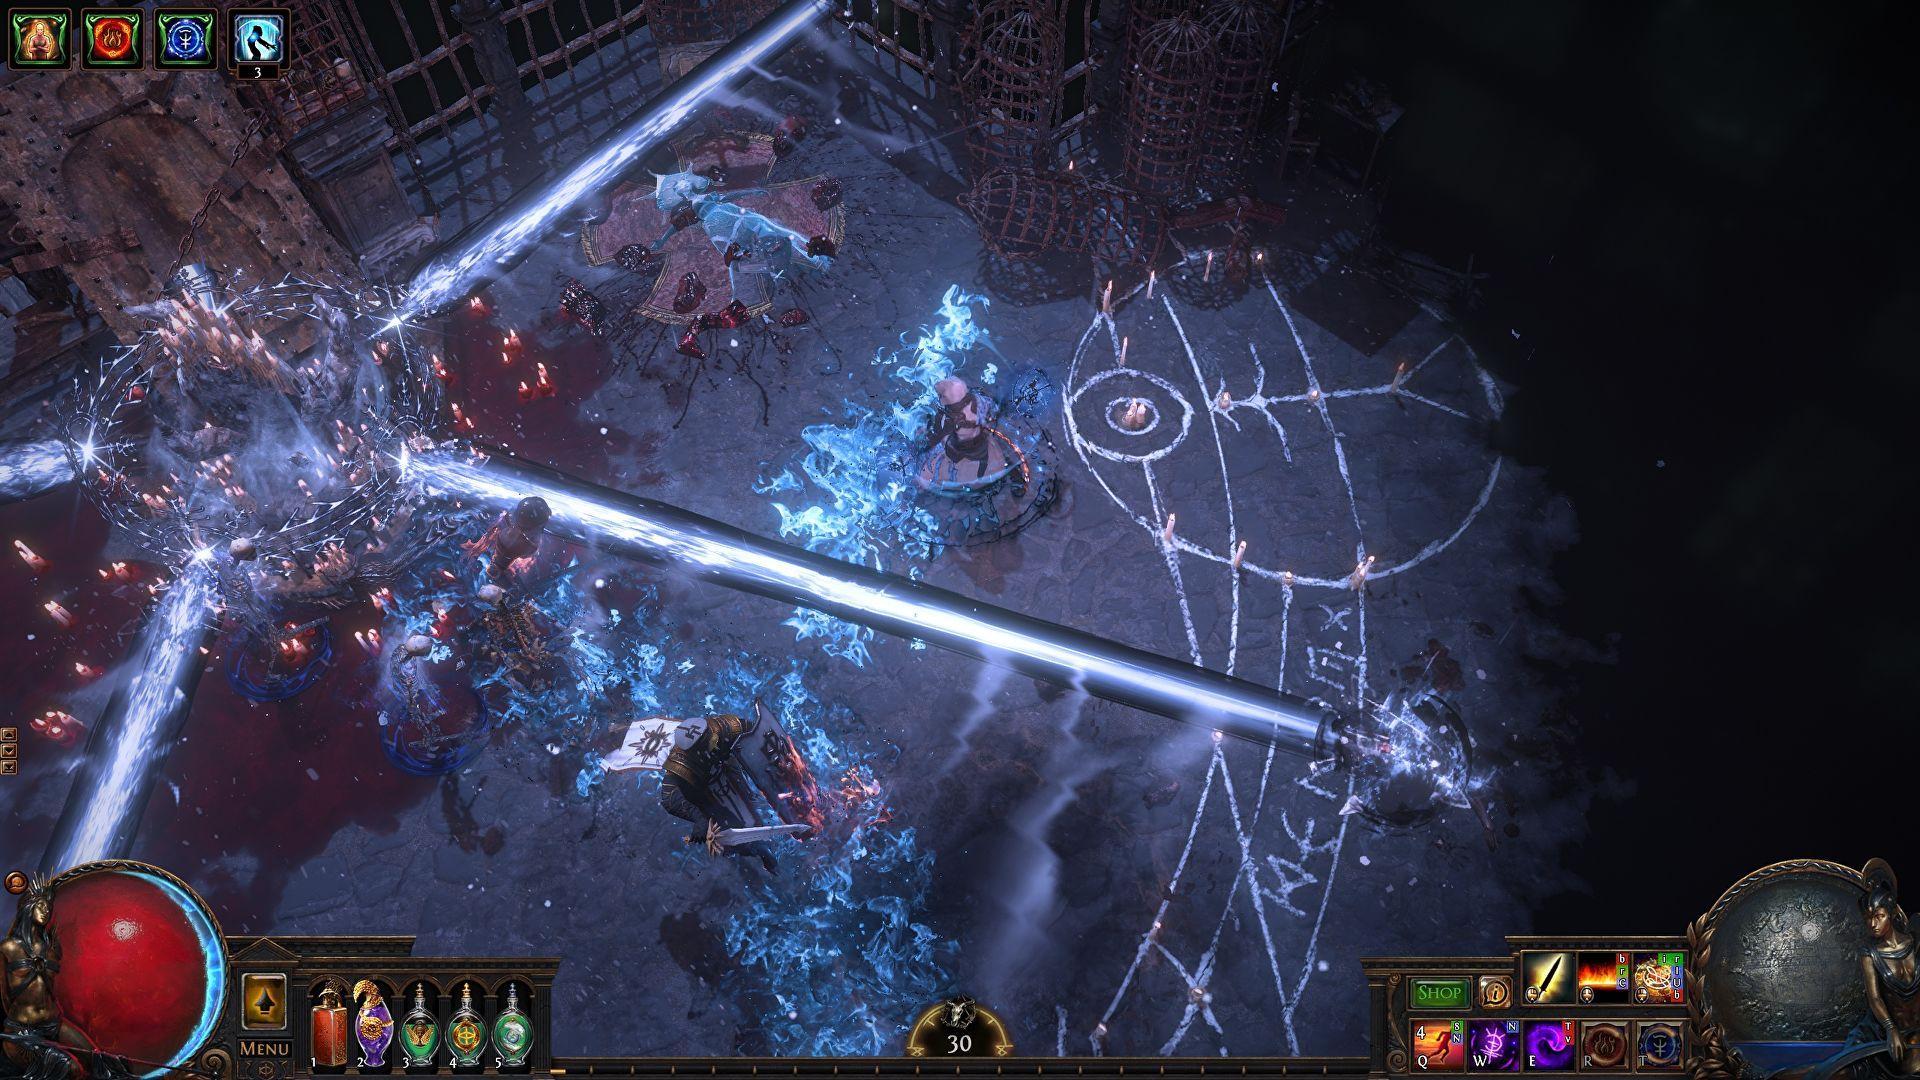 Многие игроки хорошо знают то, что в Path of Exile Chaos Orb денег нет